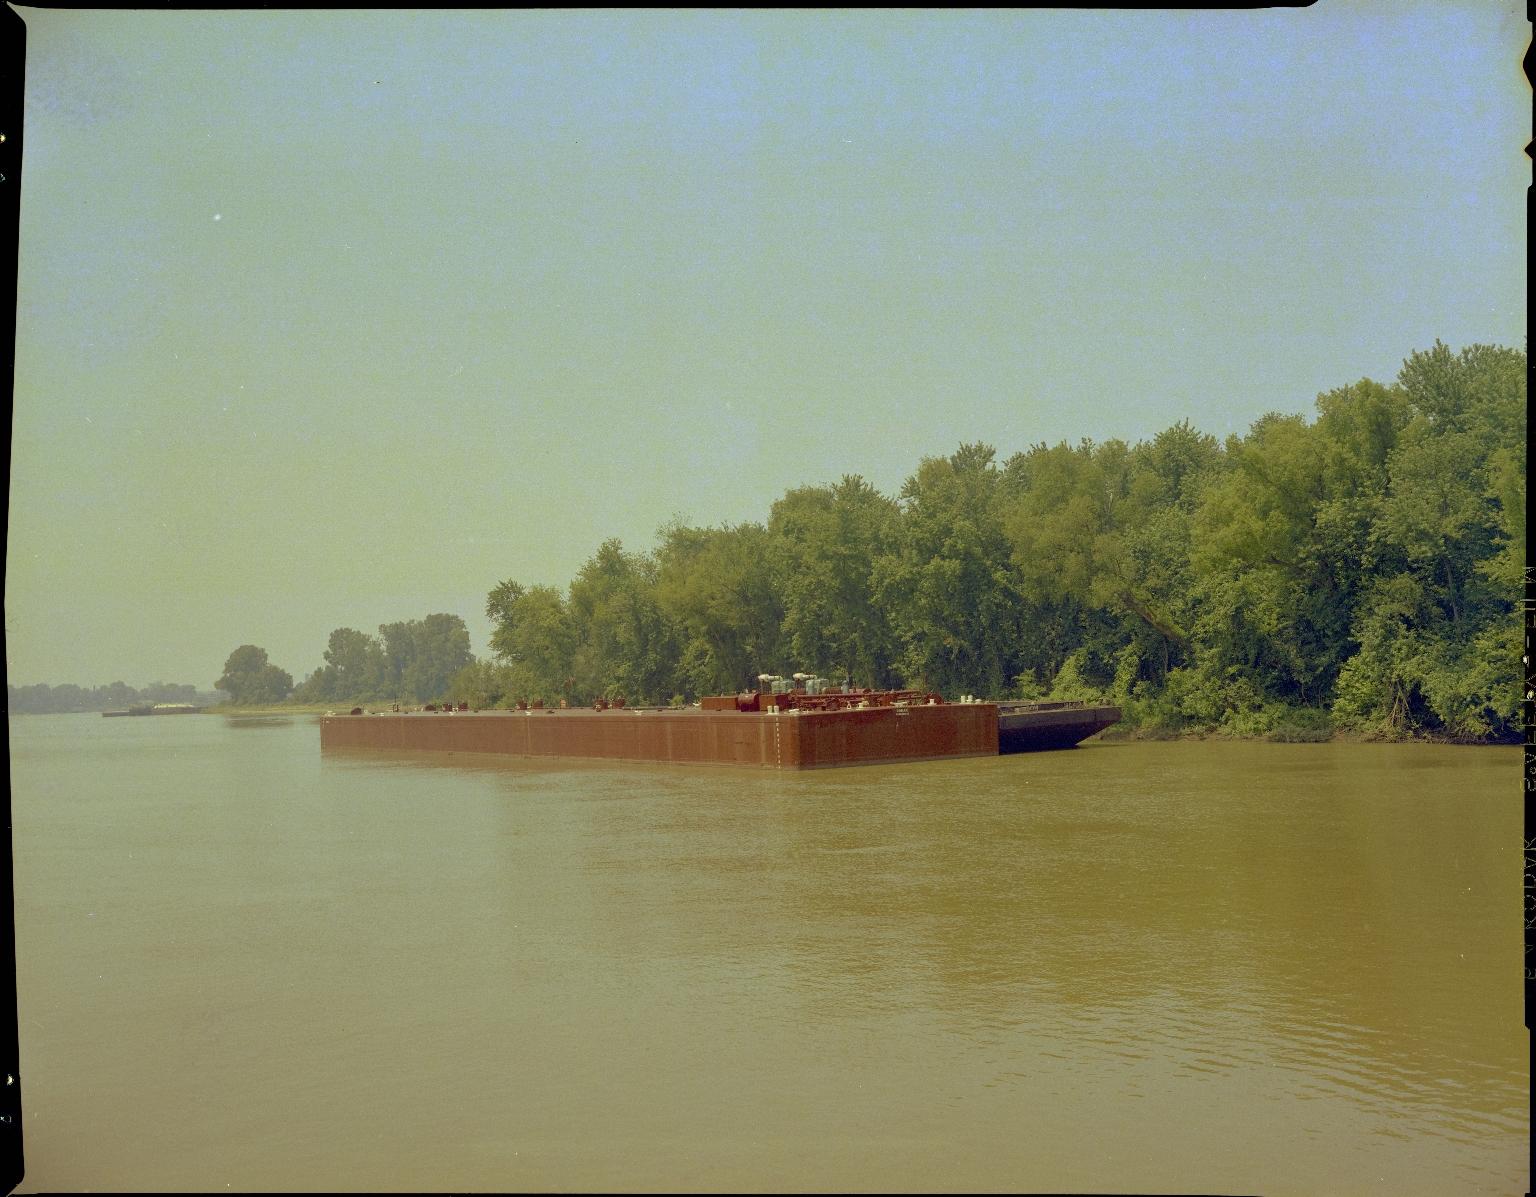 Paducah Marine Ways Barge